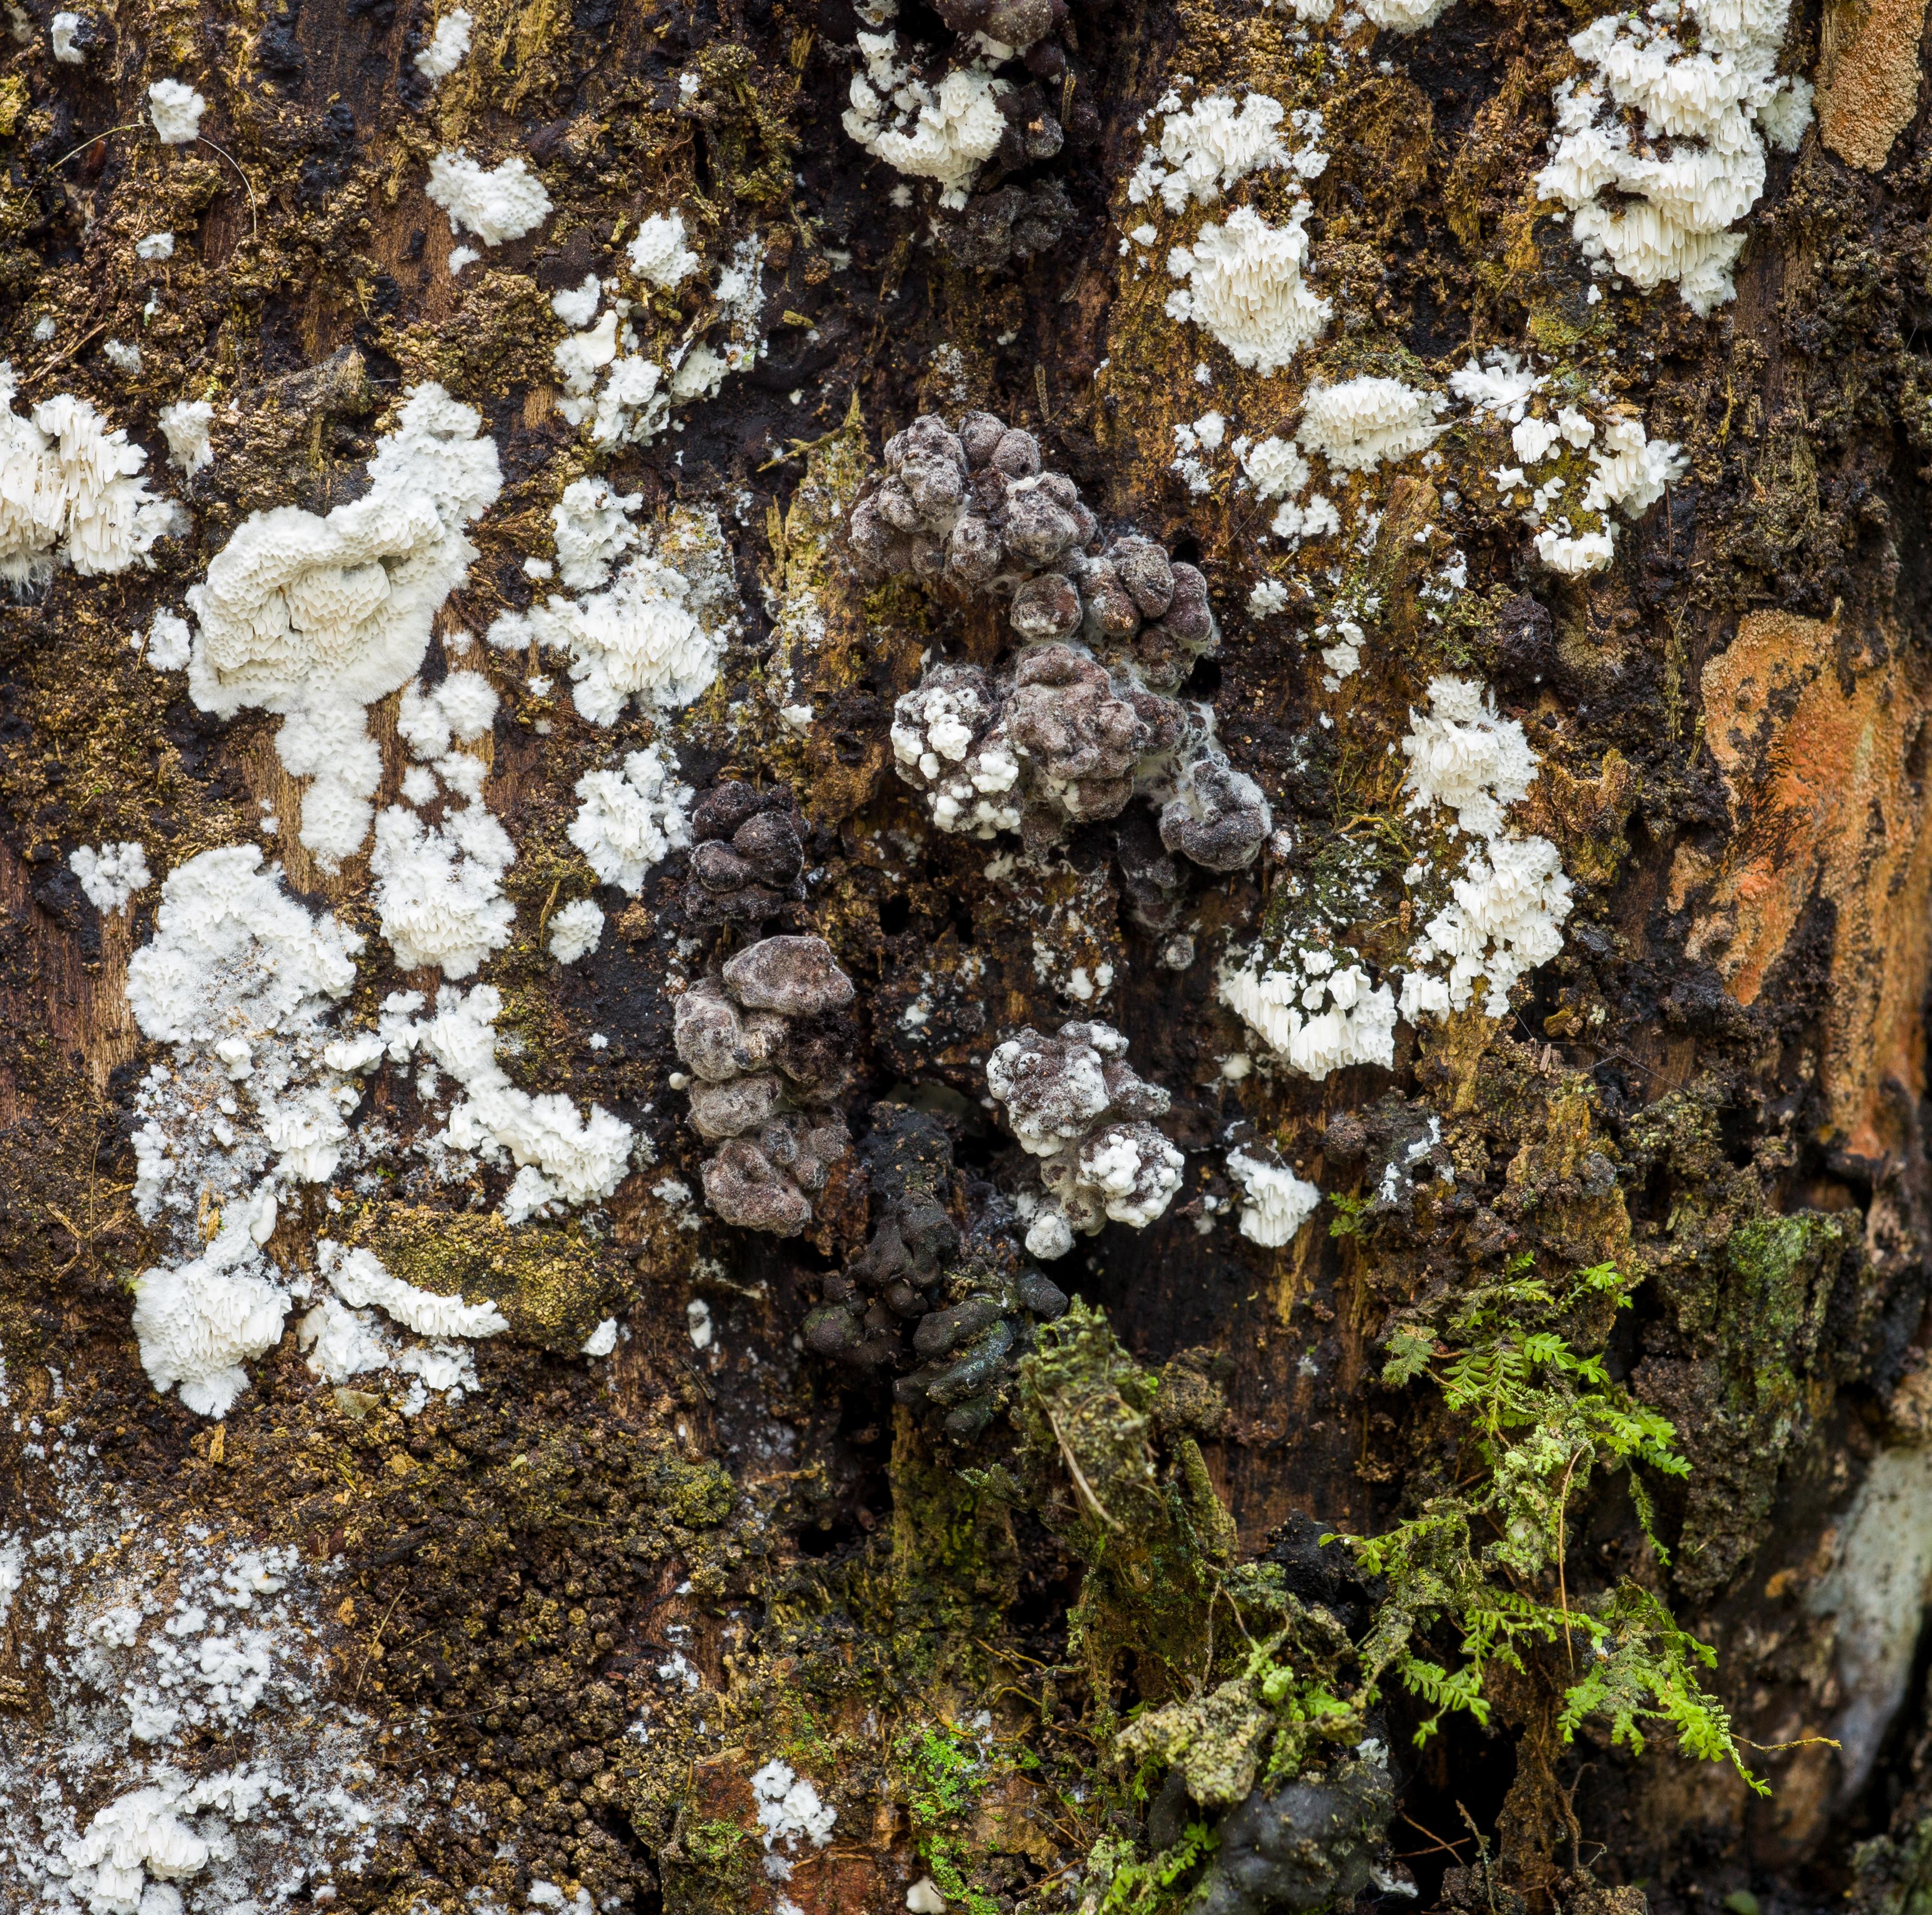 Pyrenopolyporus symphyon image